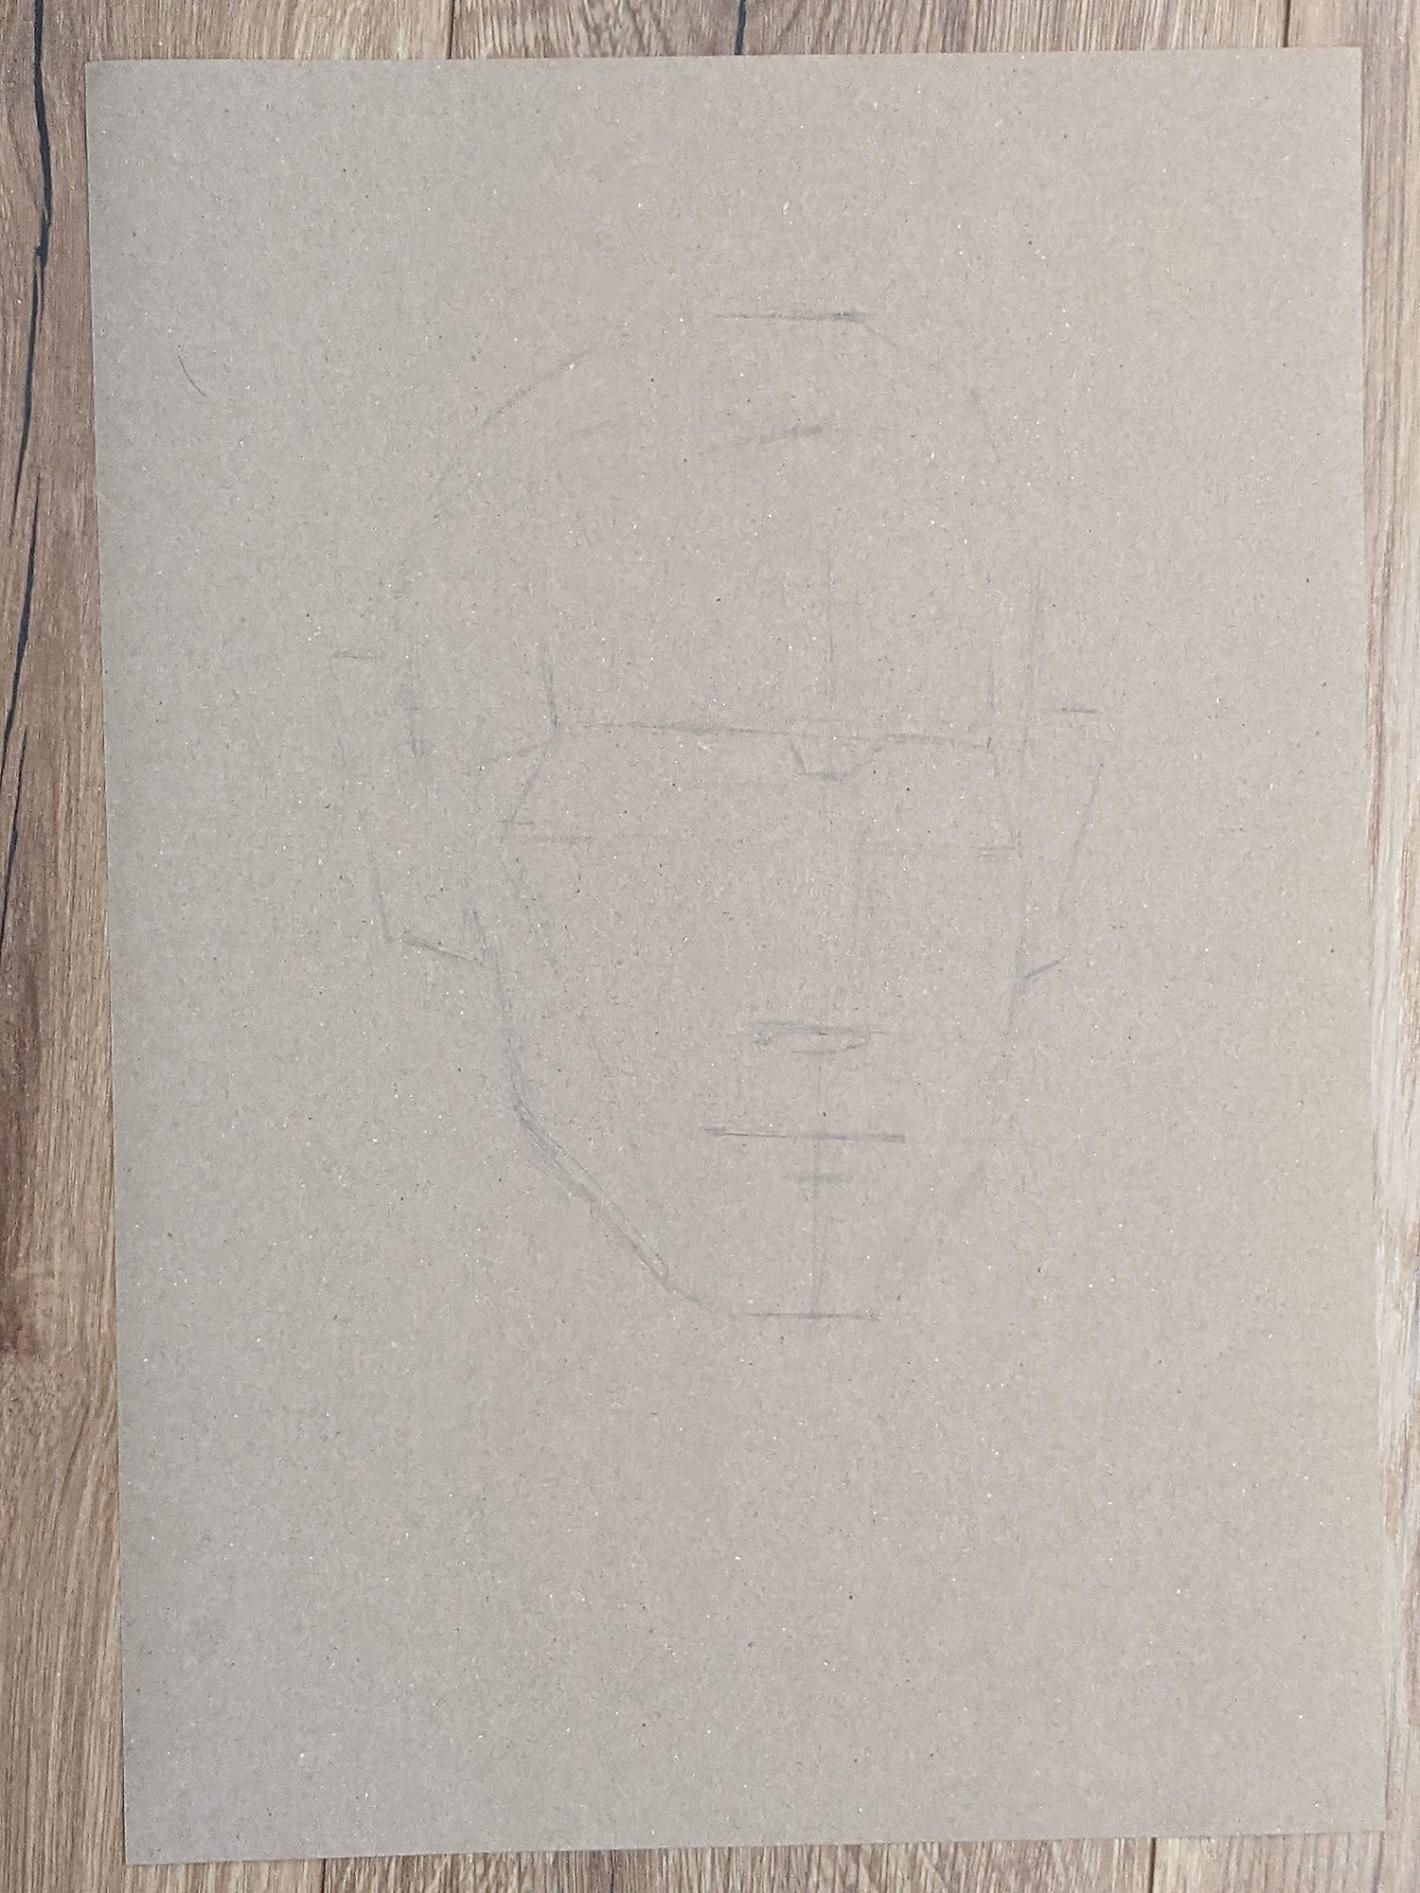 Portraitzeichnung 15.05